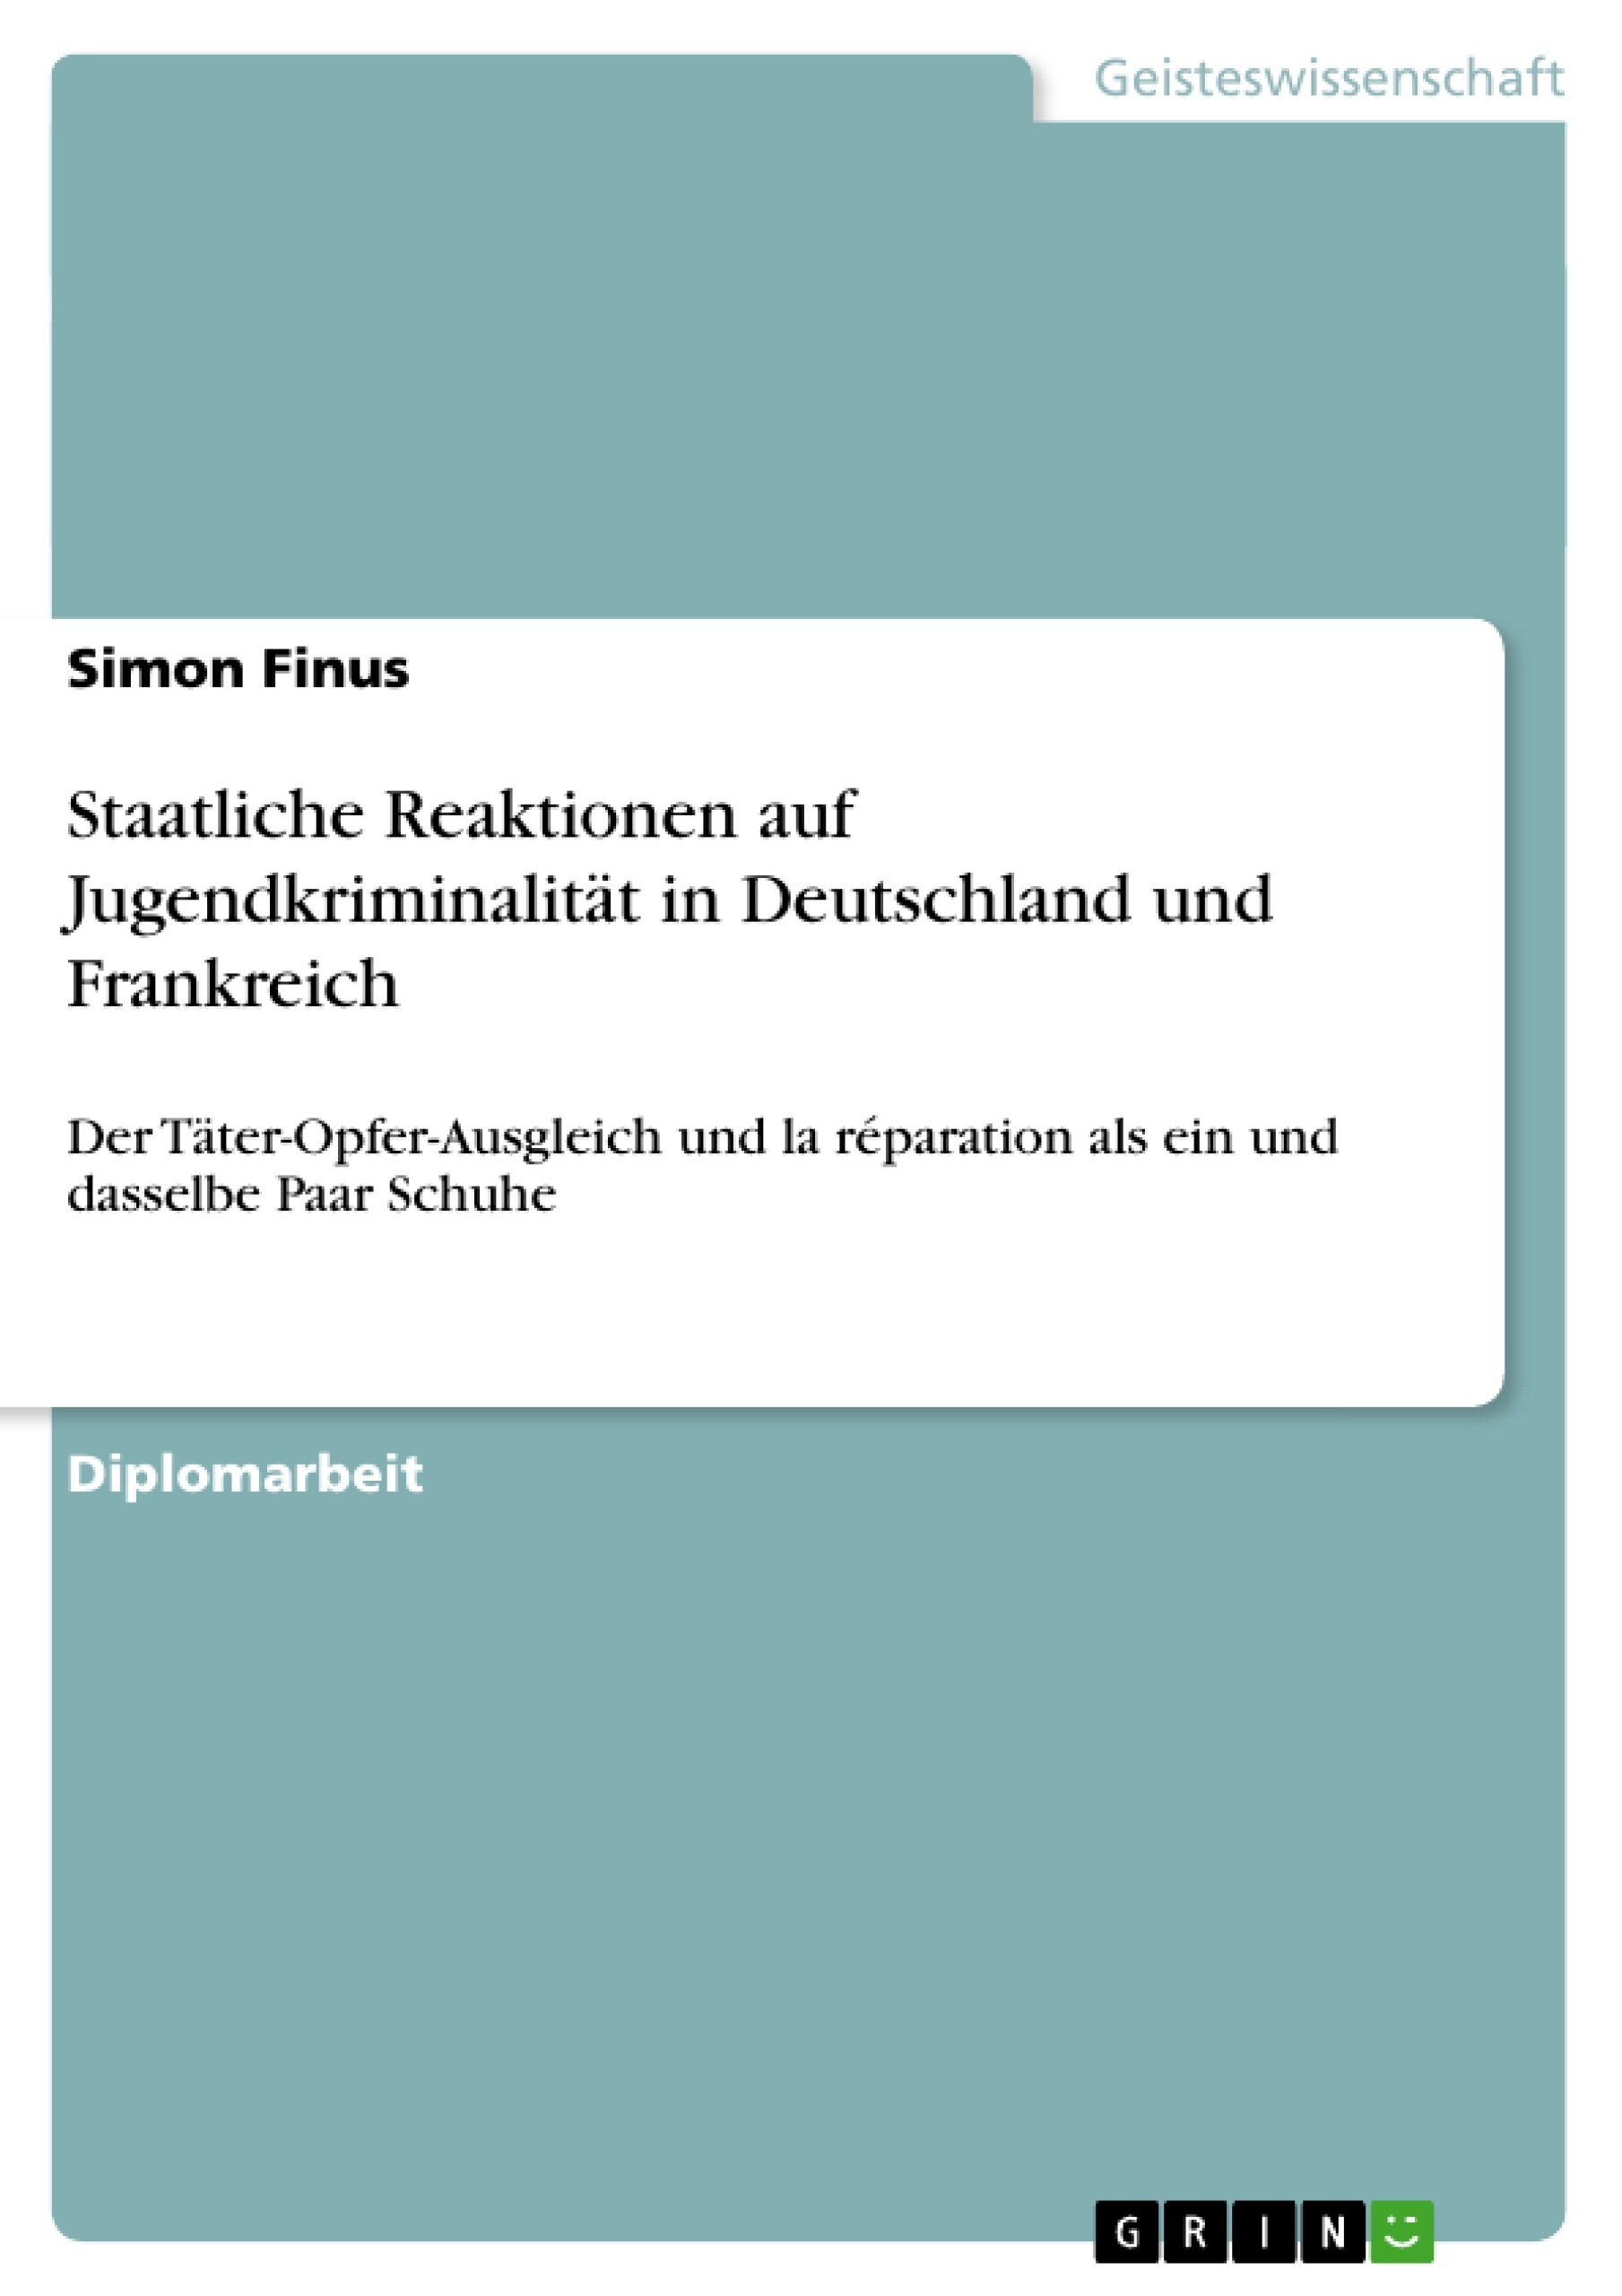 Titel: Staatliche Reaktionen auf Jugendkriminalität in Deutschland und Frankreich